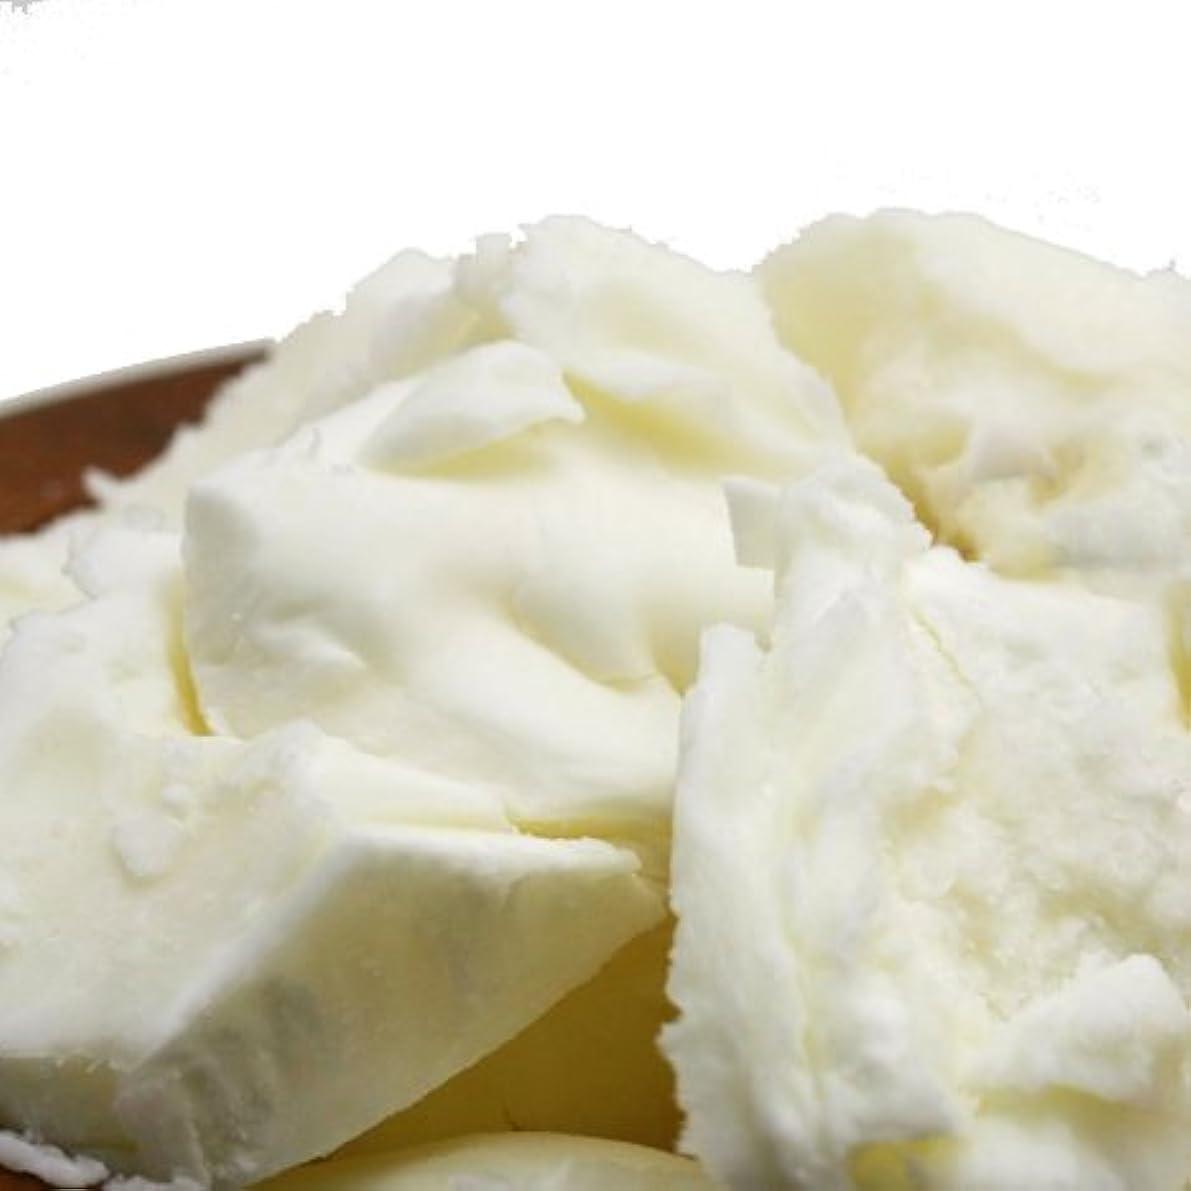 終わった短命工業化する精製シアバター 50g シア脂 【手作り石鹸/手作りコスメ/手作り化粧品】